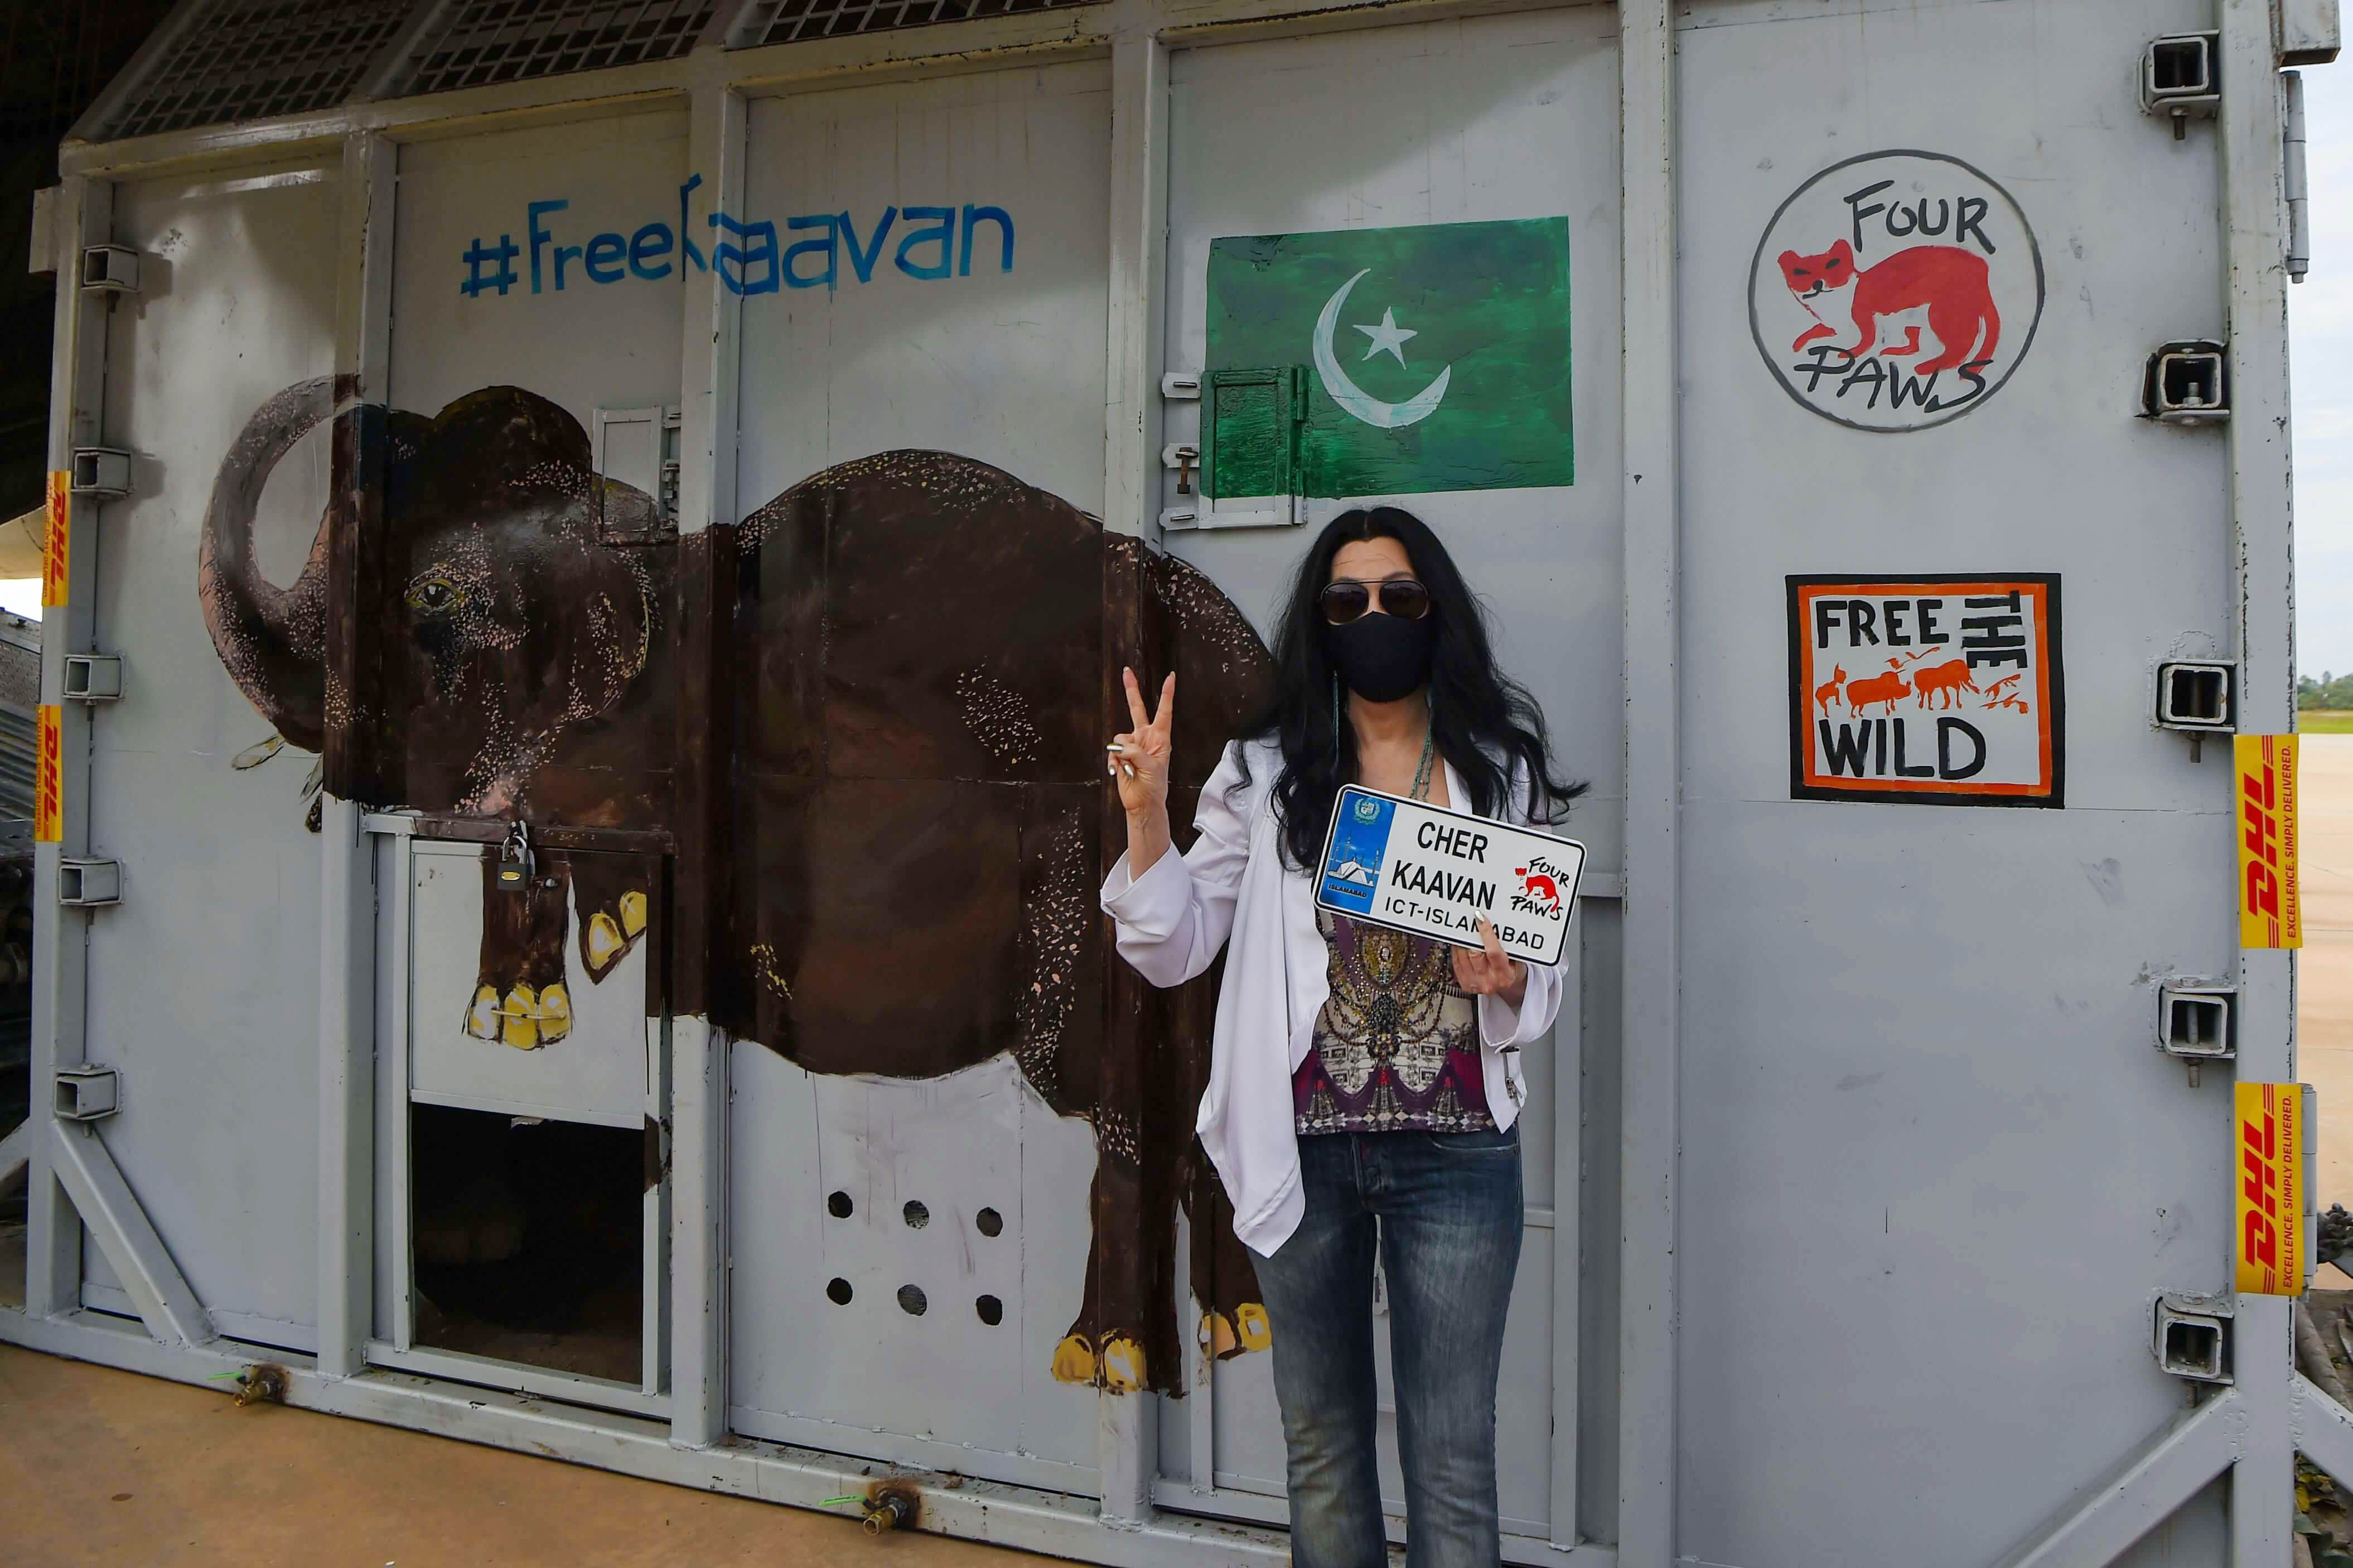 المغنية شير تستقبل الفيل كافان في كمبوديا بعد إنقاذه من باكستان